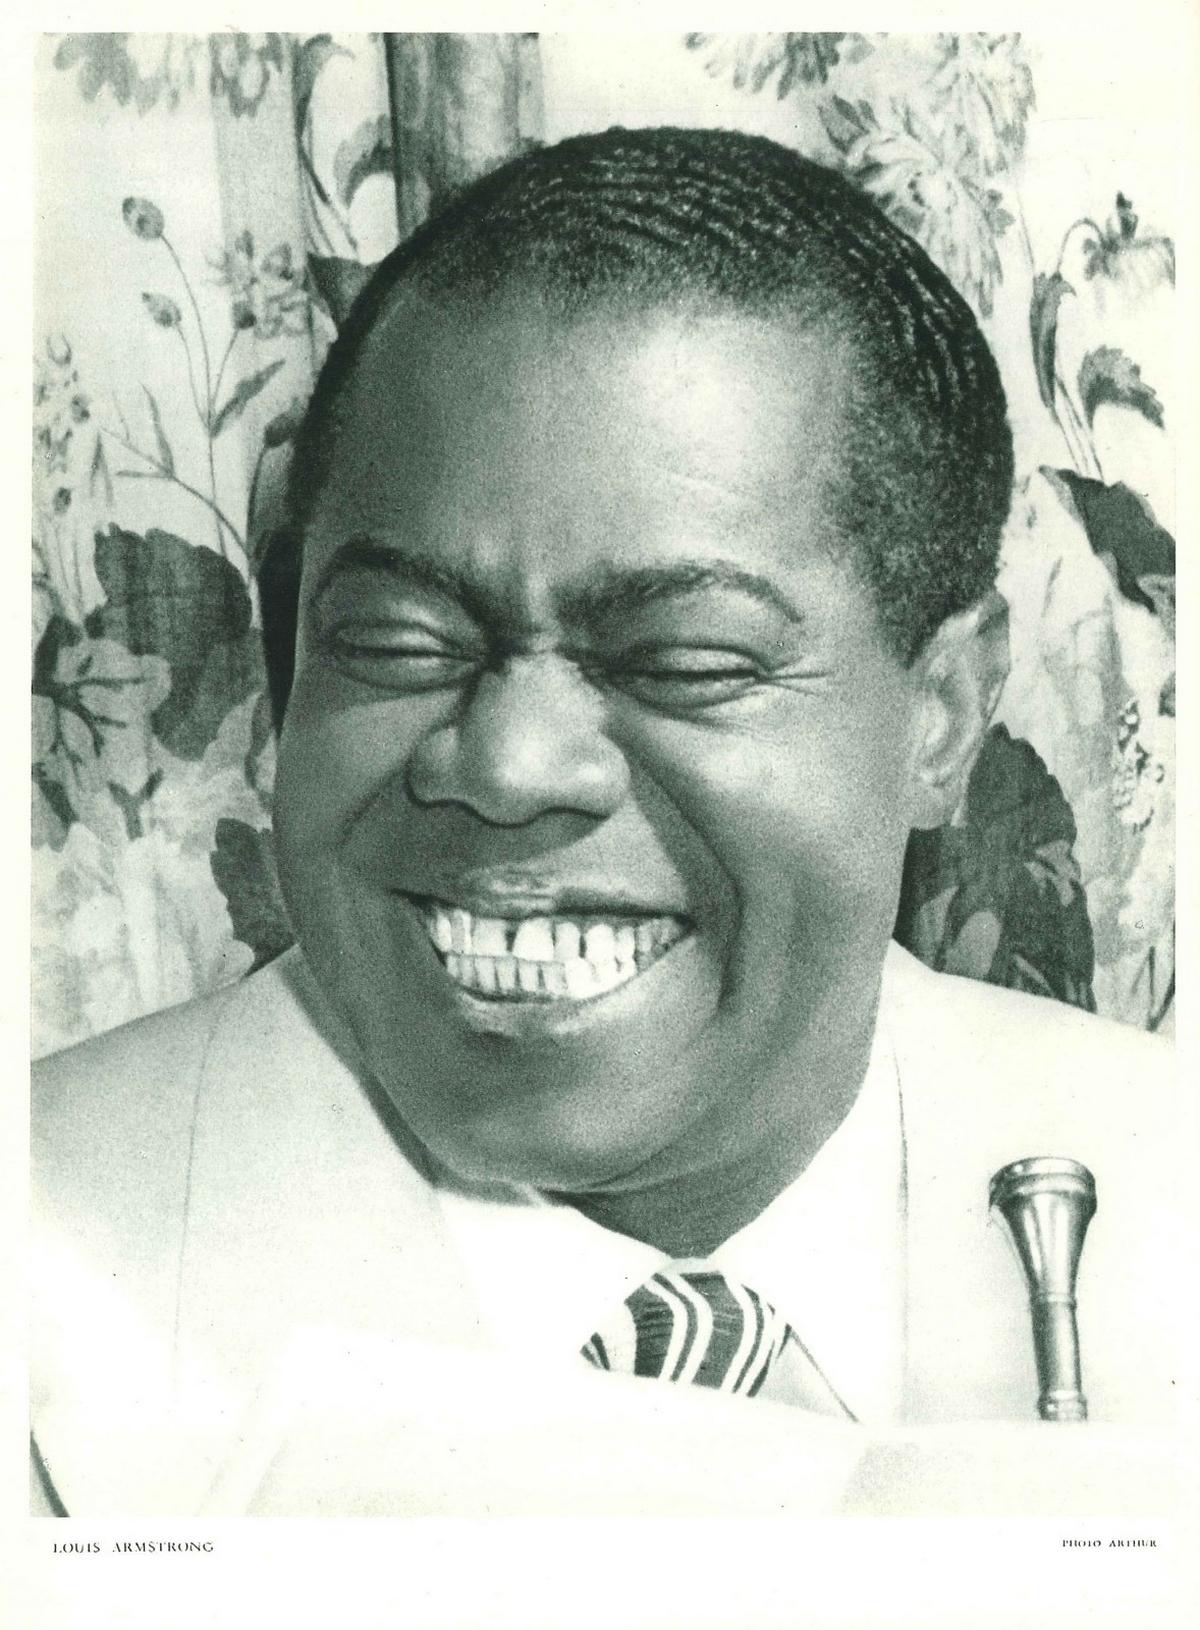 Douze millions de noirs - Louis Armstrong